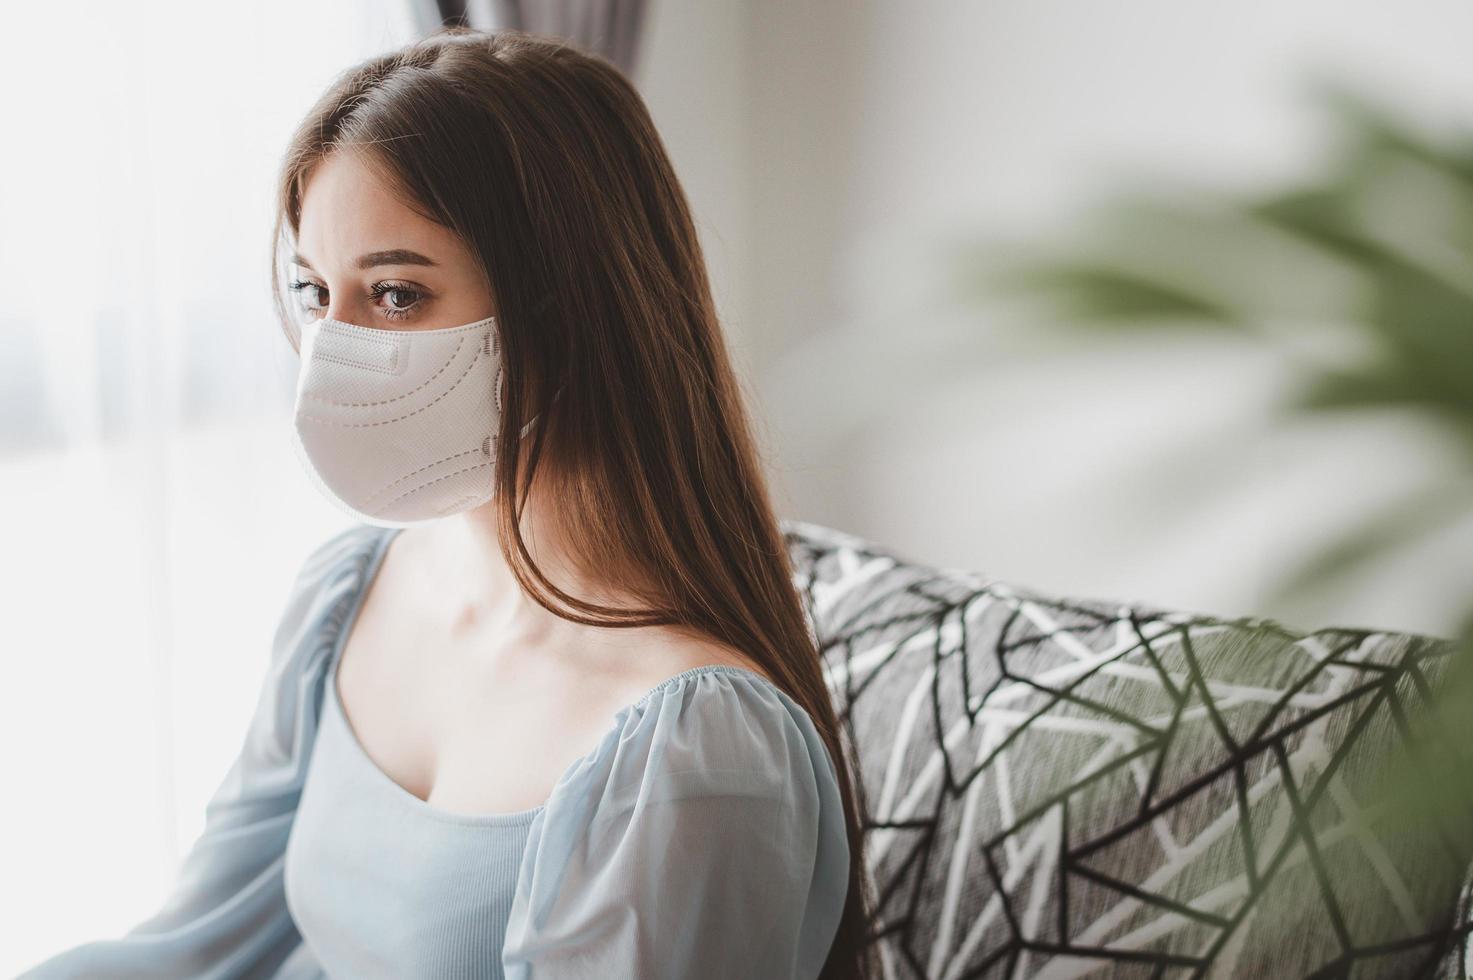 Woman wearing face mask photo